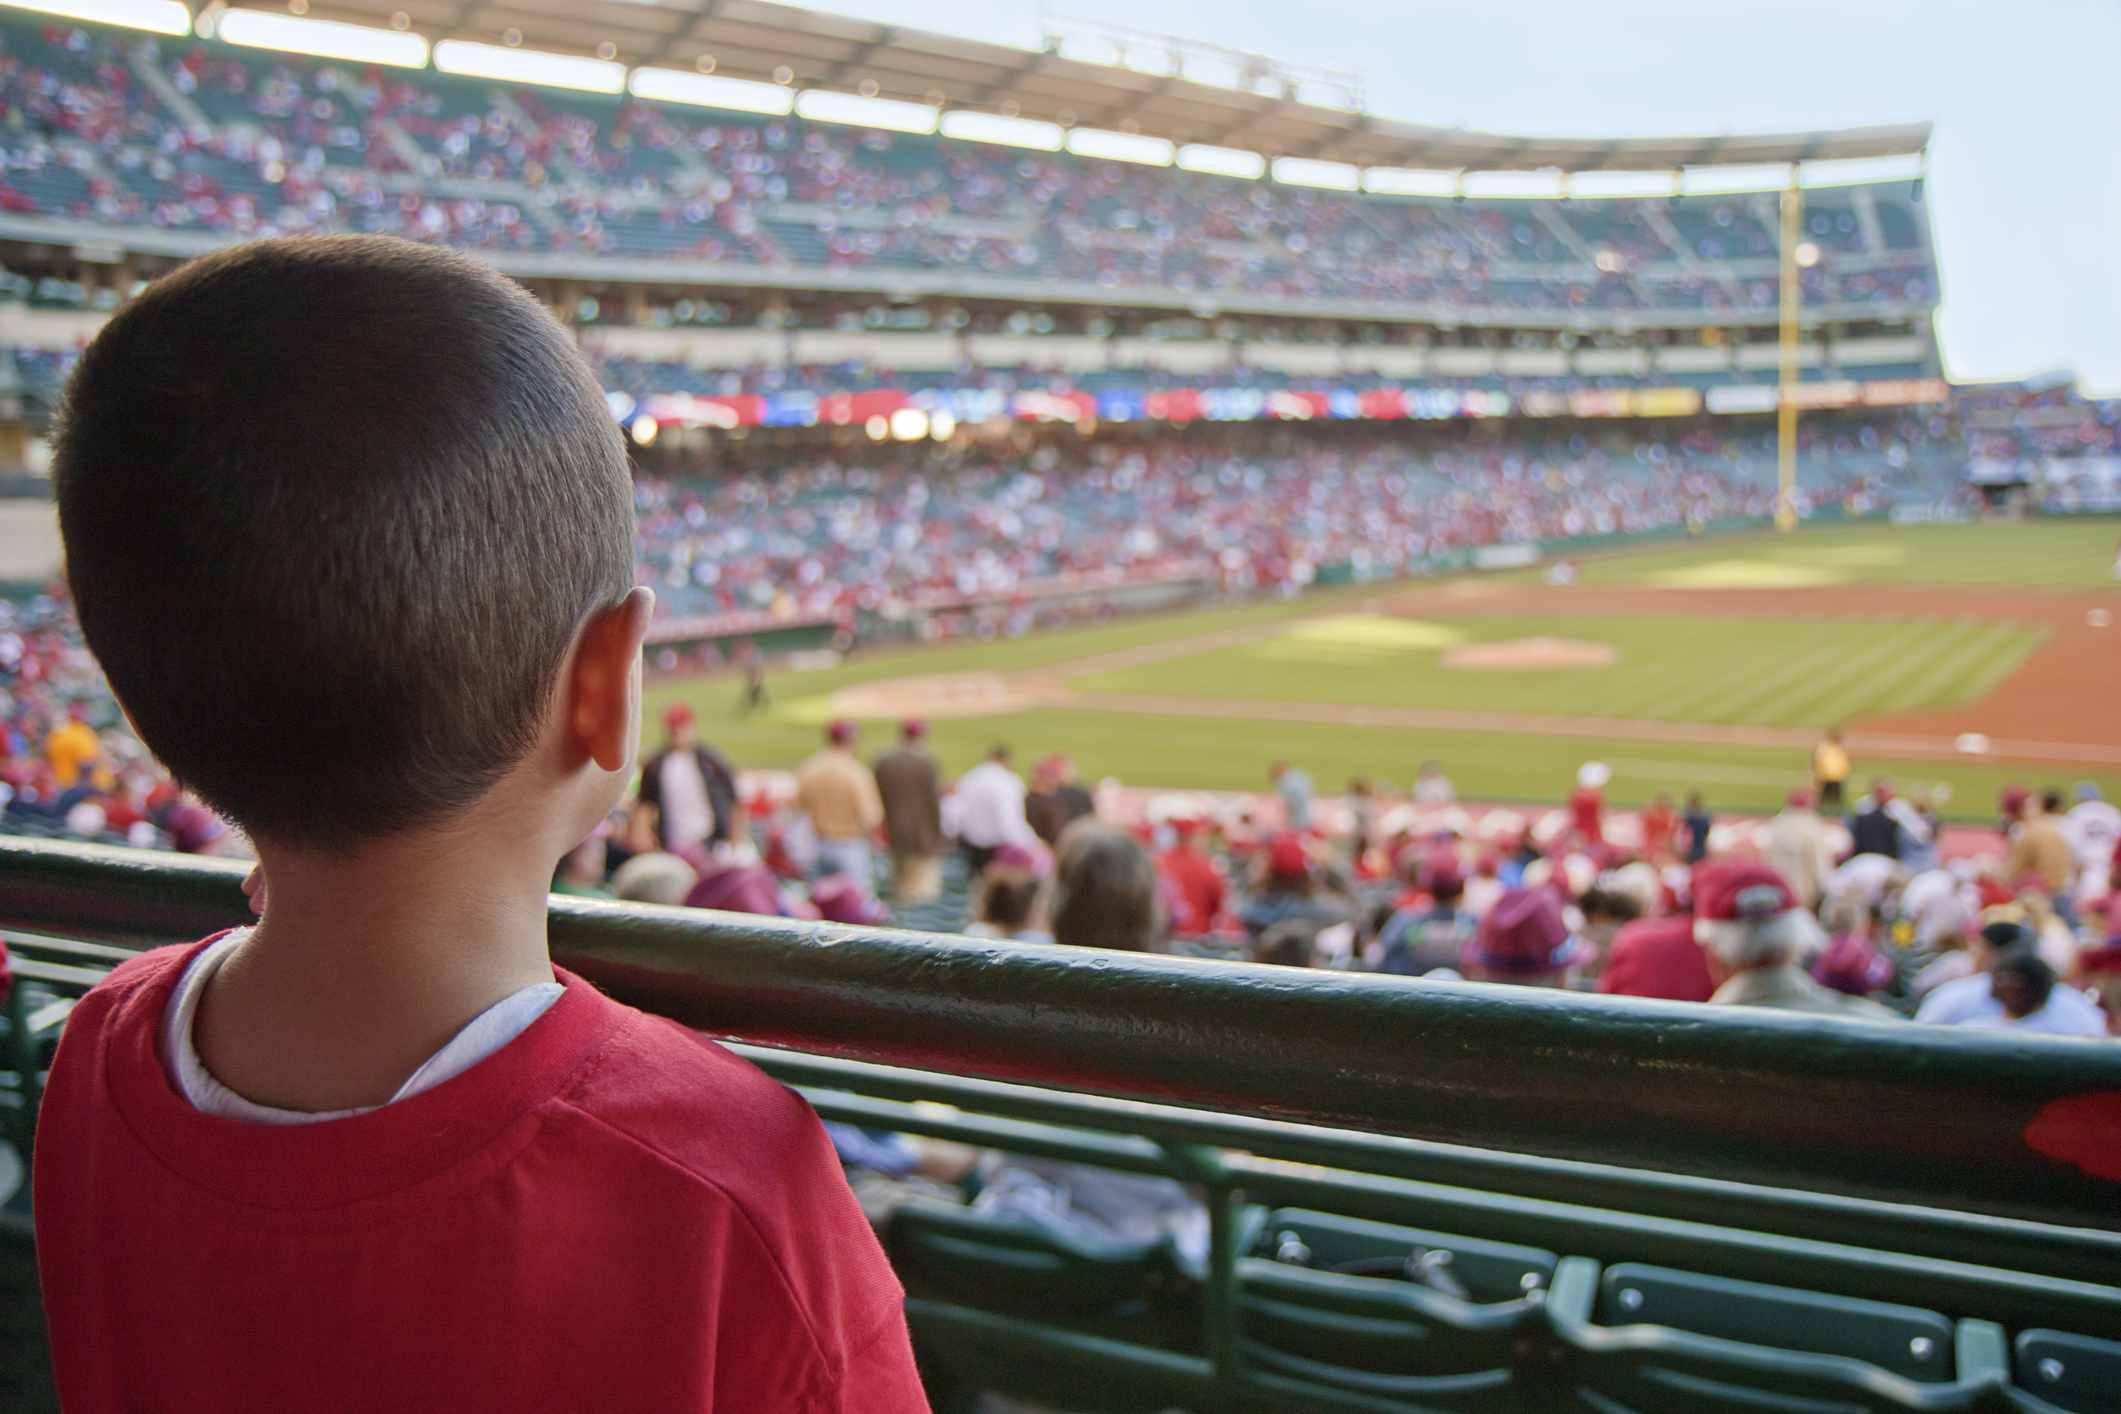 El béisbol es extremadamente popular en Puerto Rico